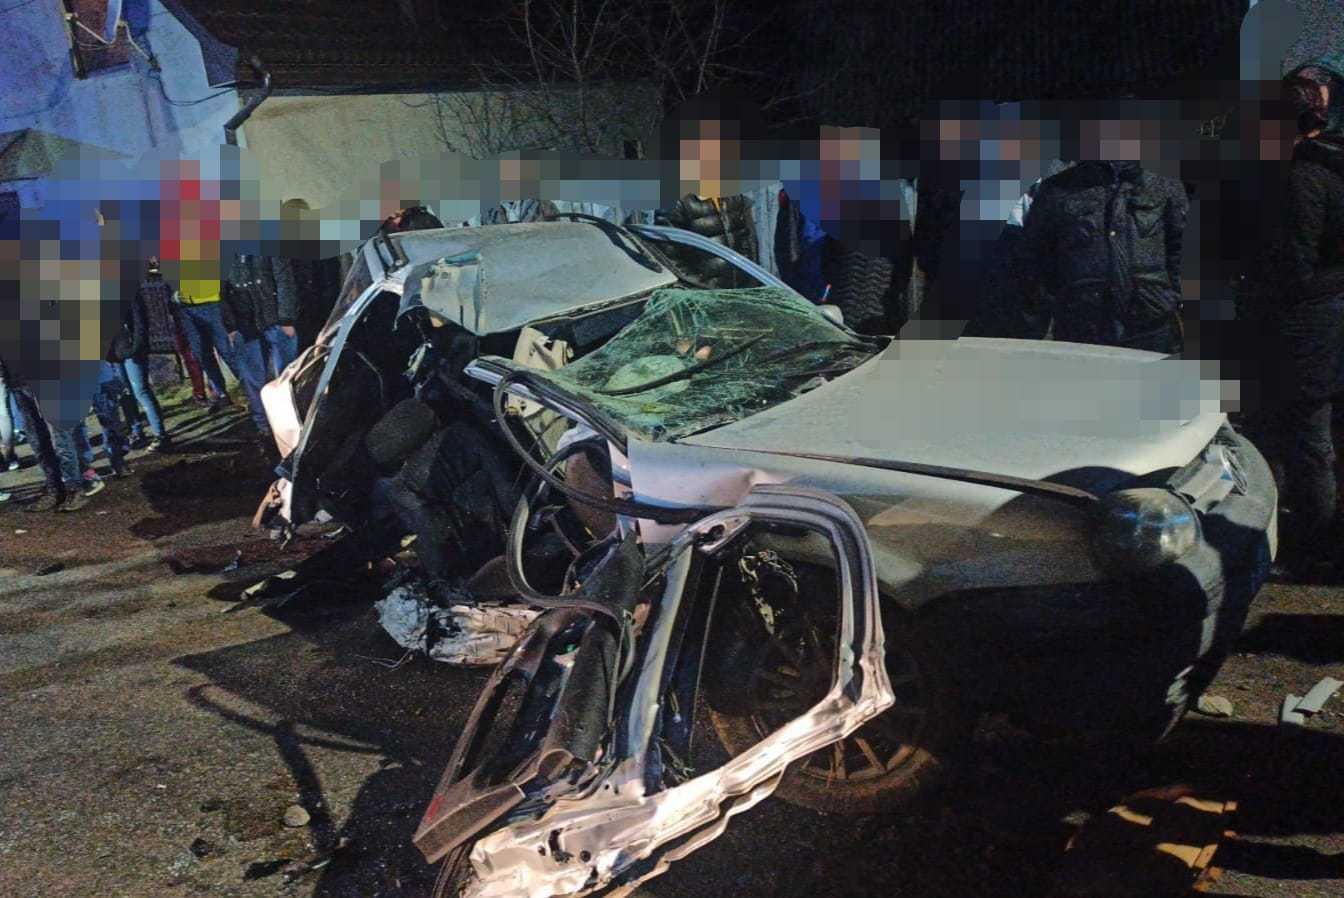 FOTO Accident tragic pe DN 17D, după ce o maşină a lovit un stâlp de electricitate. Un tânăr de 18 ani a murit, iar alţi(...)